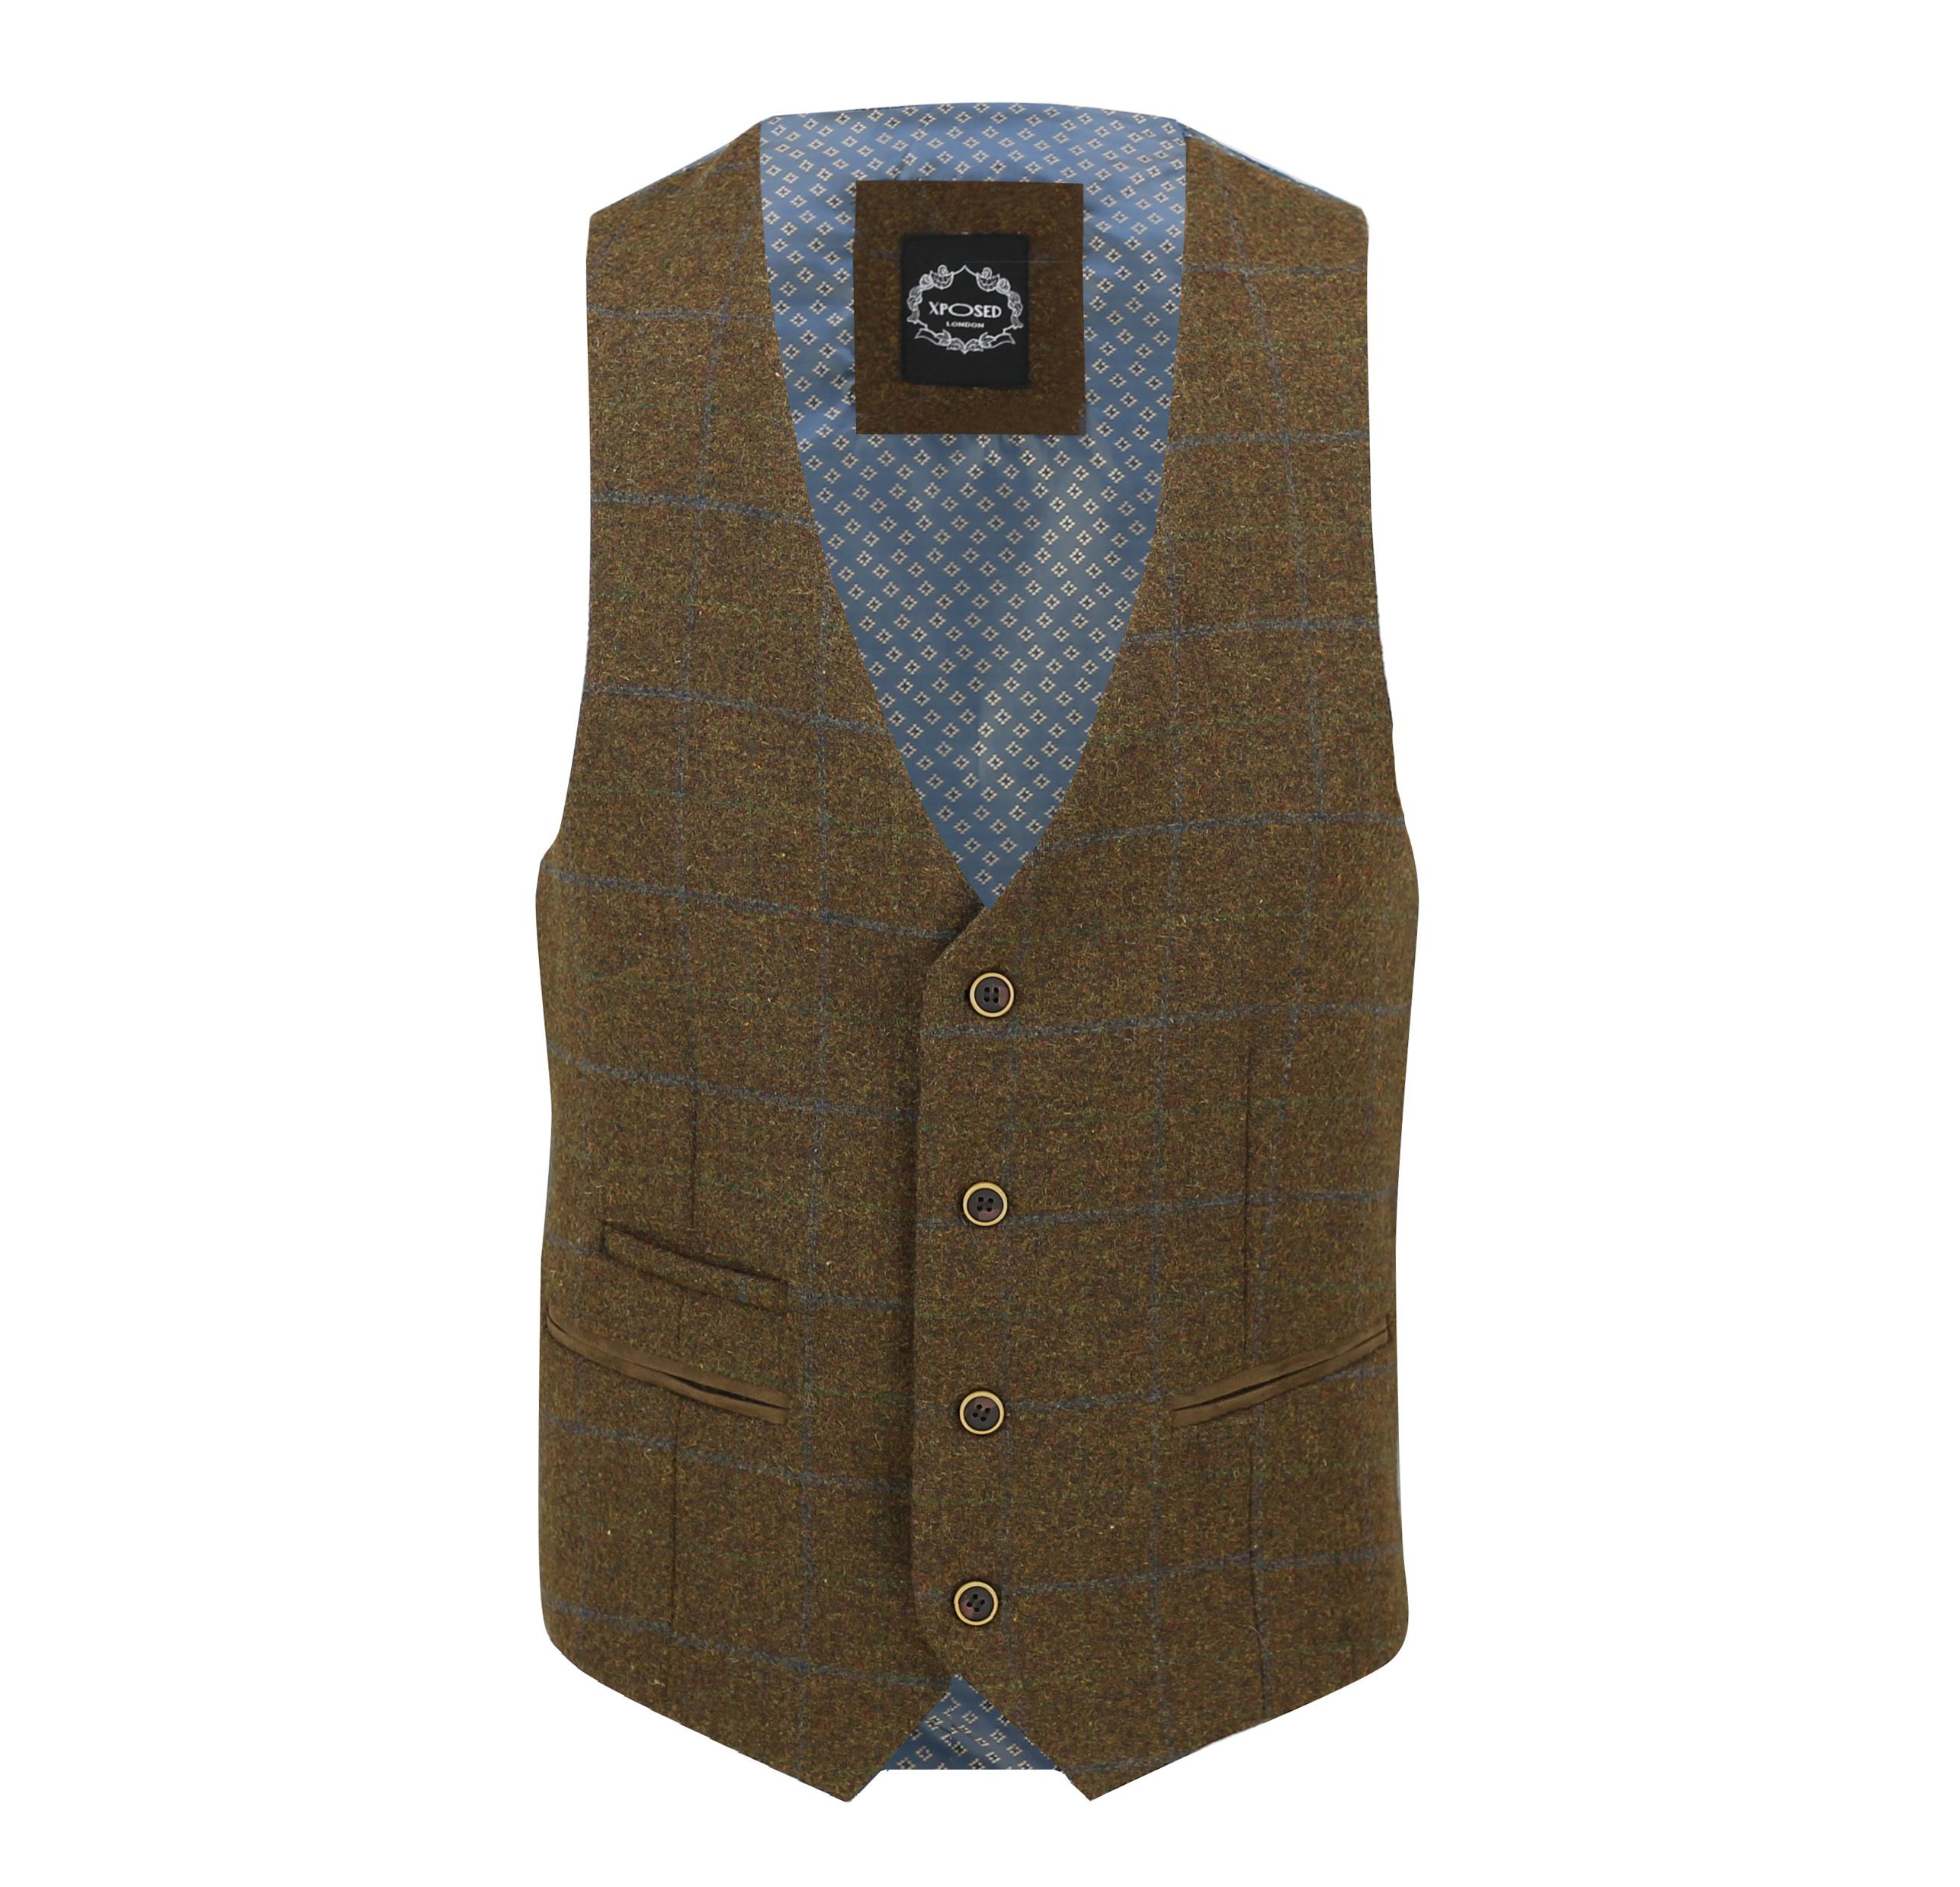 Mens-Vintage-Tweed-Check-Herringbone-Waistcoat-Casual-Retro-Grey-Brown-Green miniatuur 9